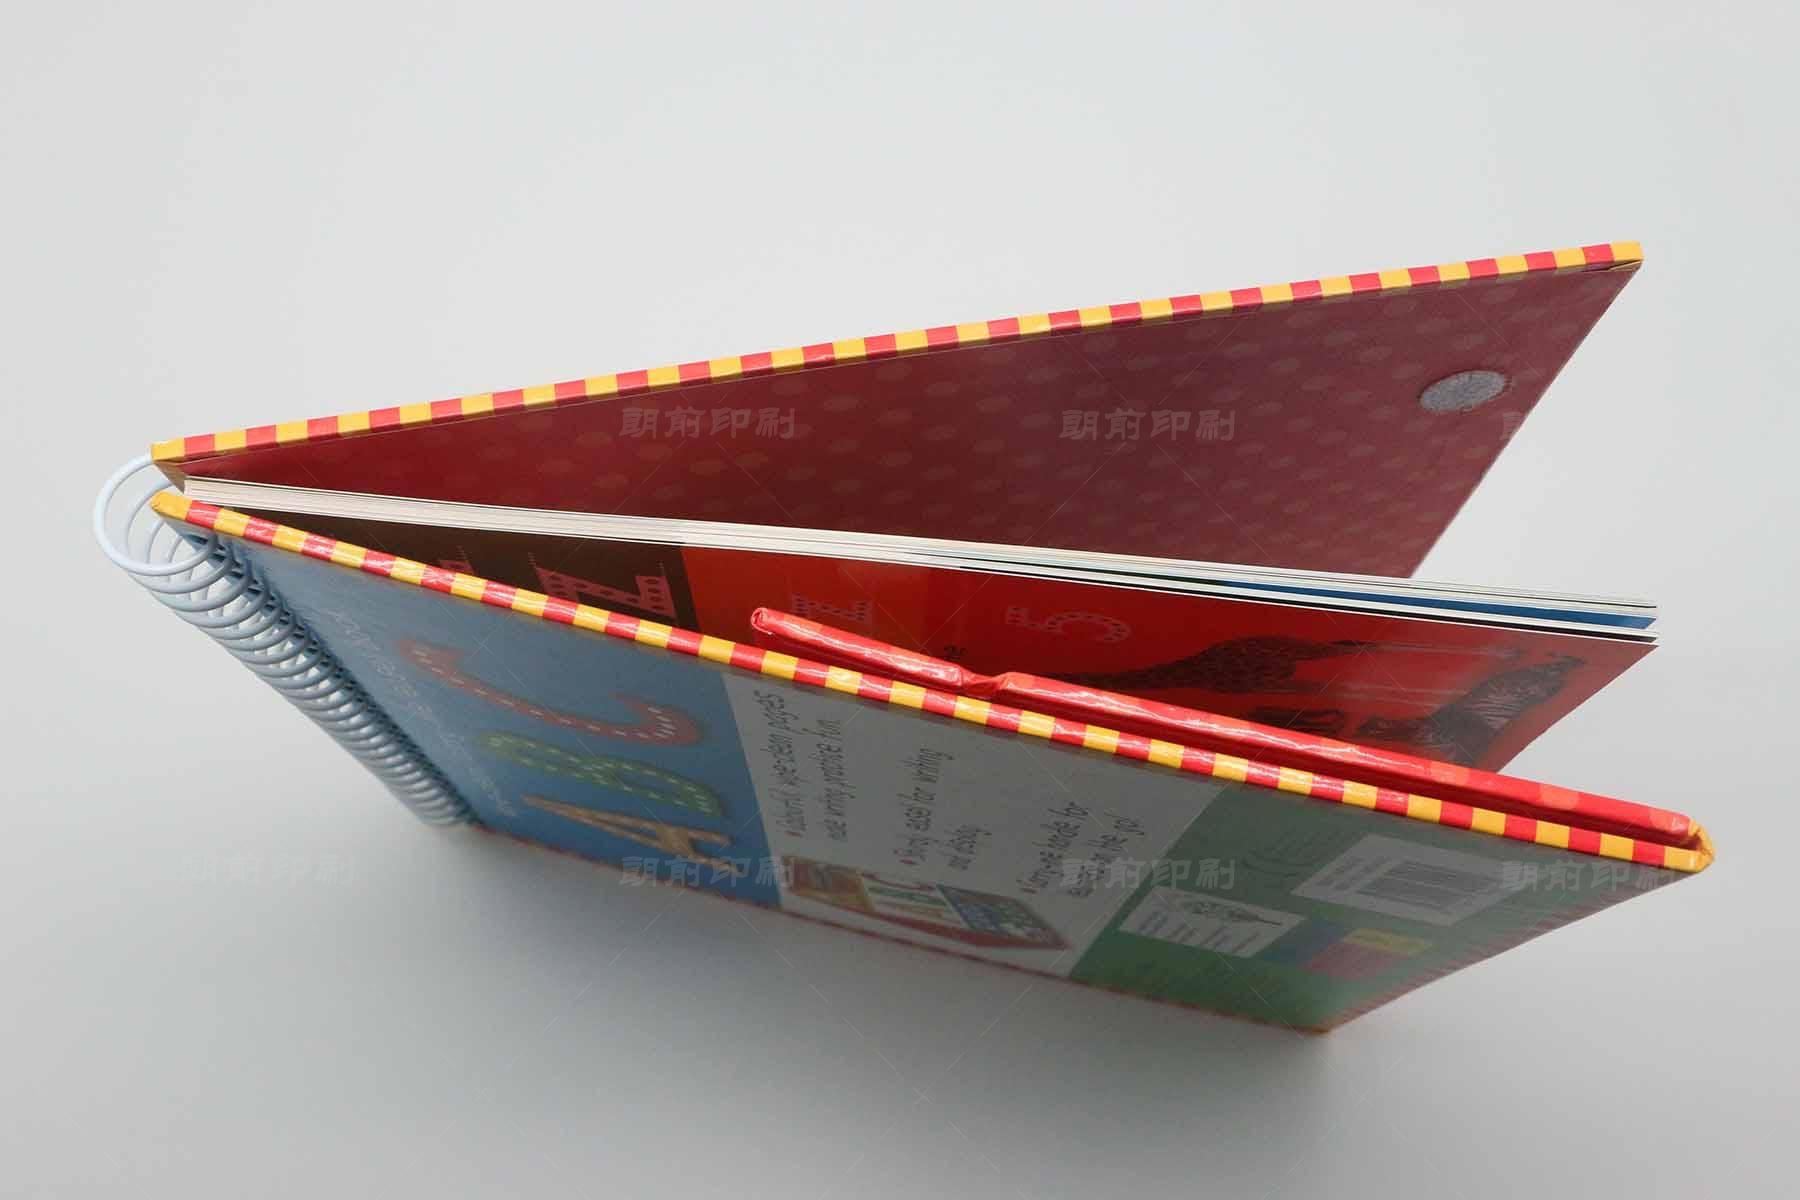 广州广告公司画册印刷 广州印刷宣传画册多少金钱一张